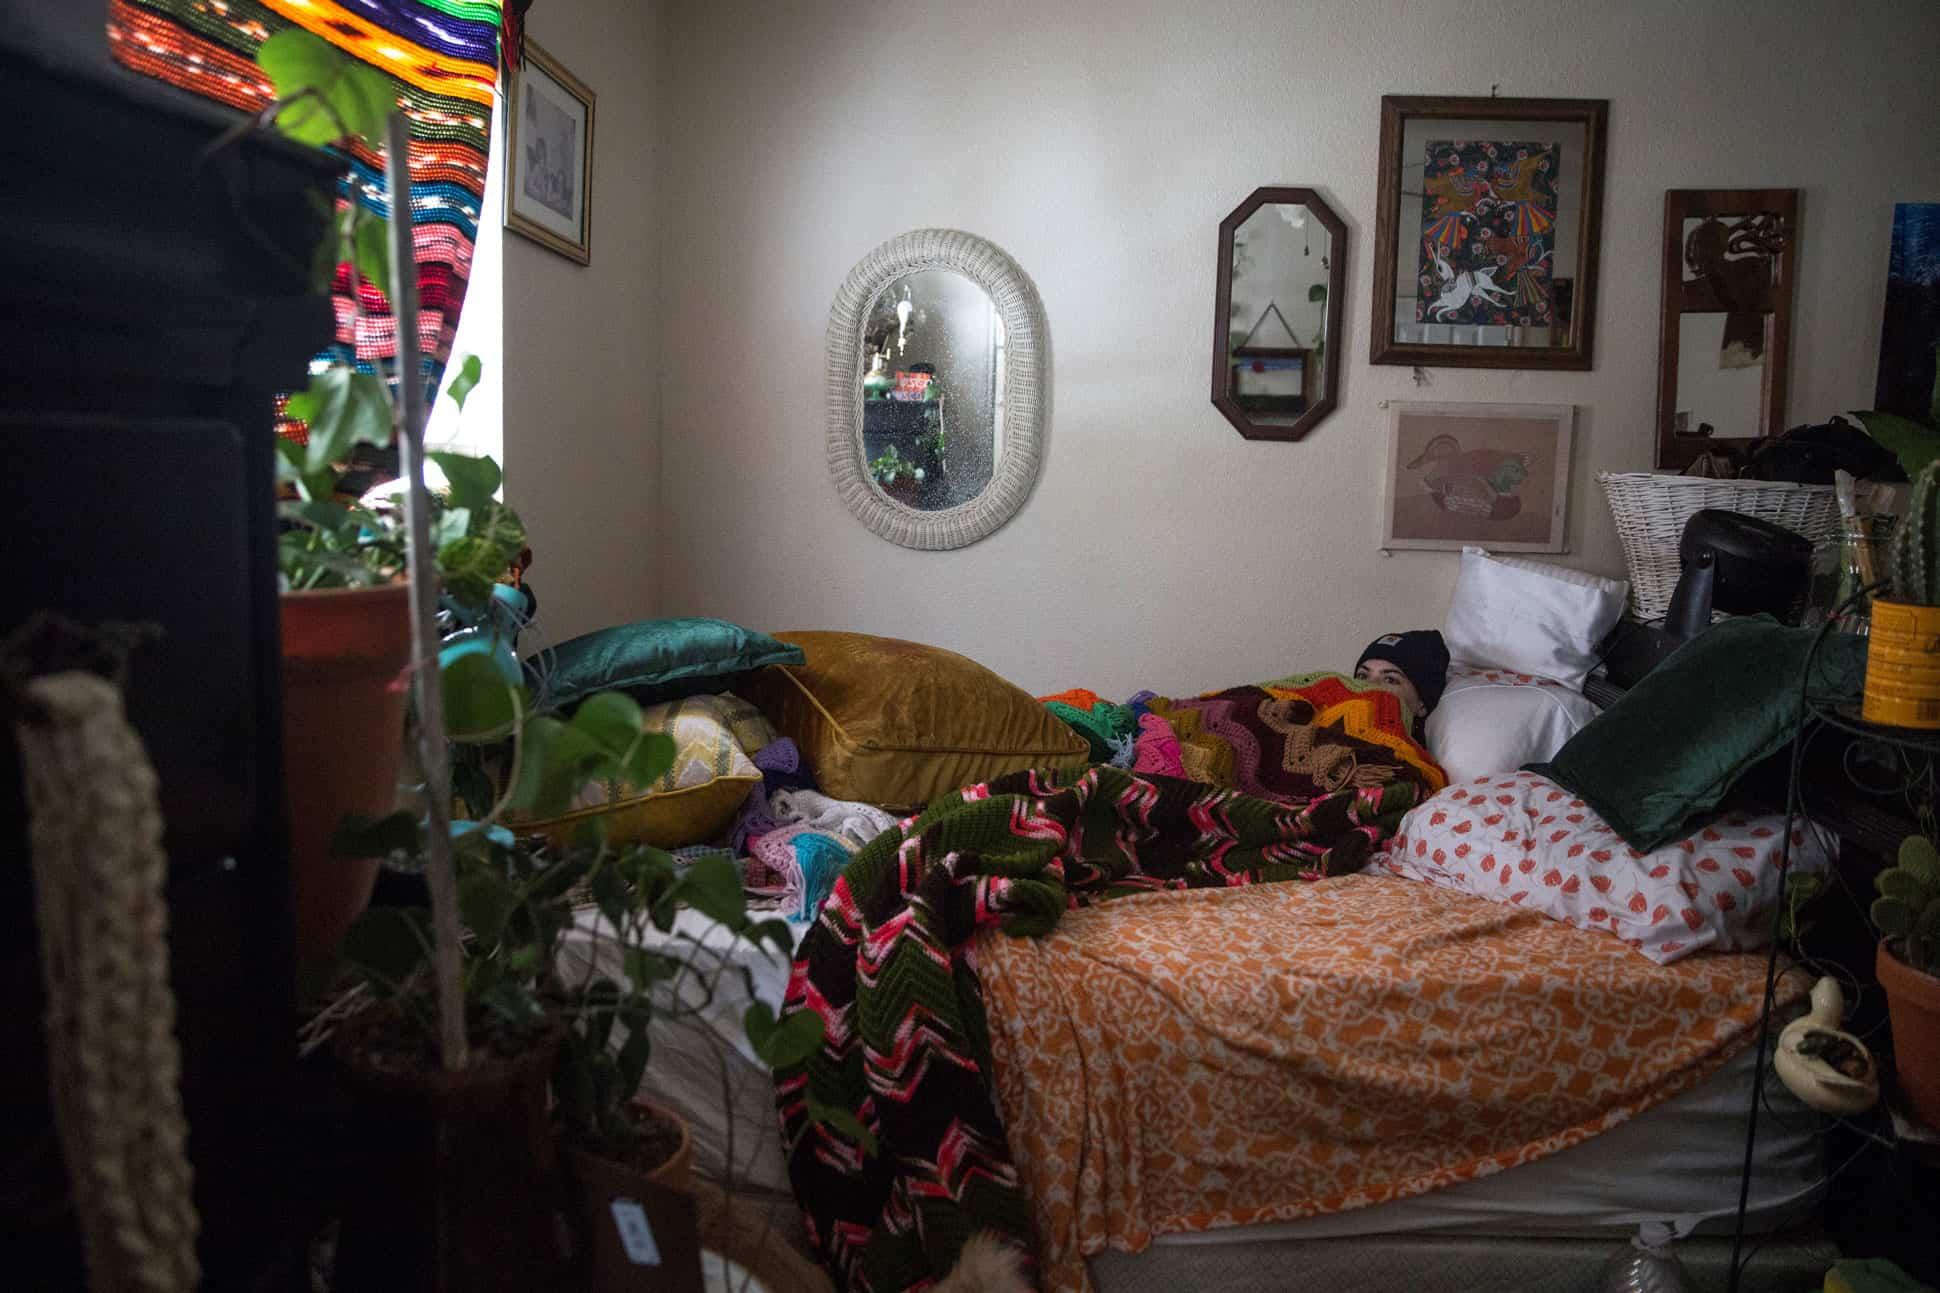 historica-tormenta-invernal-causa-apagones-en-texas-estados-unidos wendy selene perez gatopardo